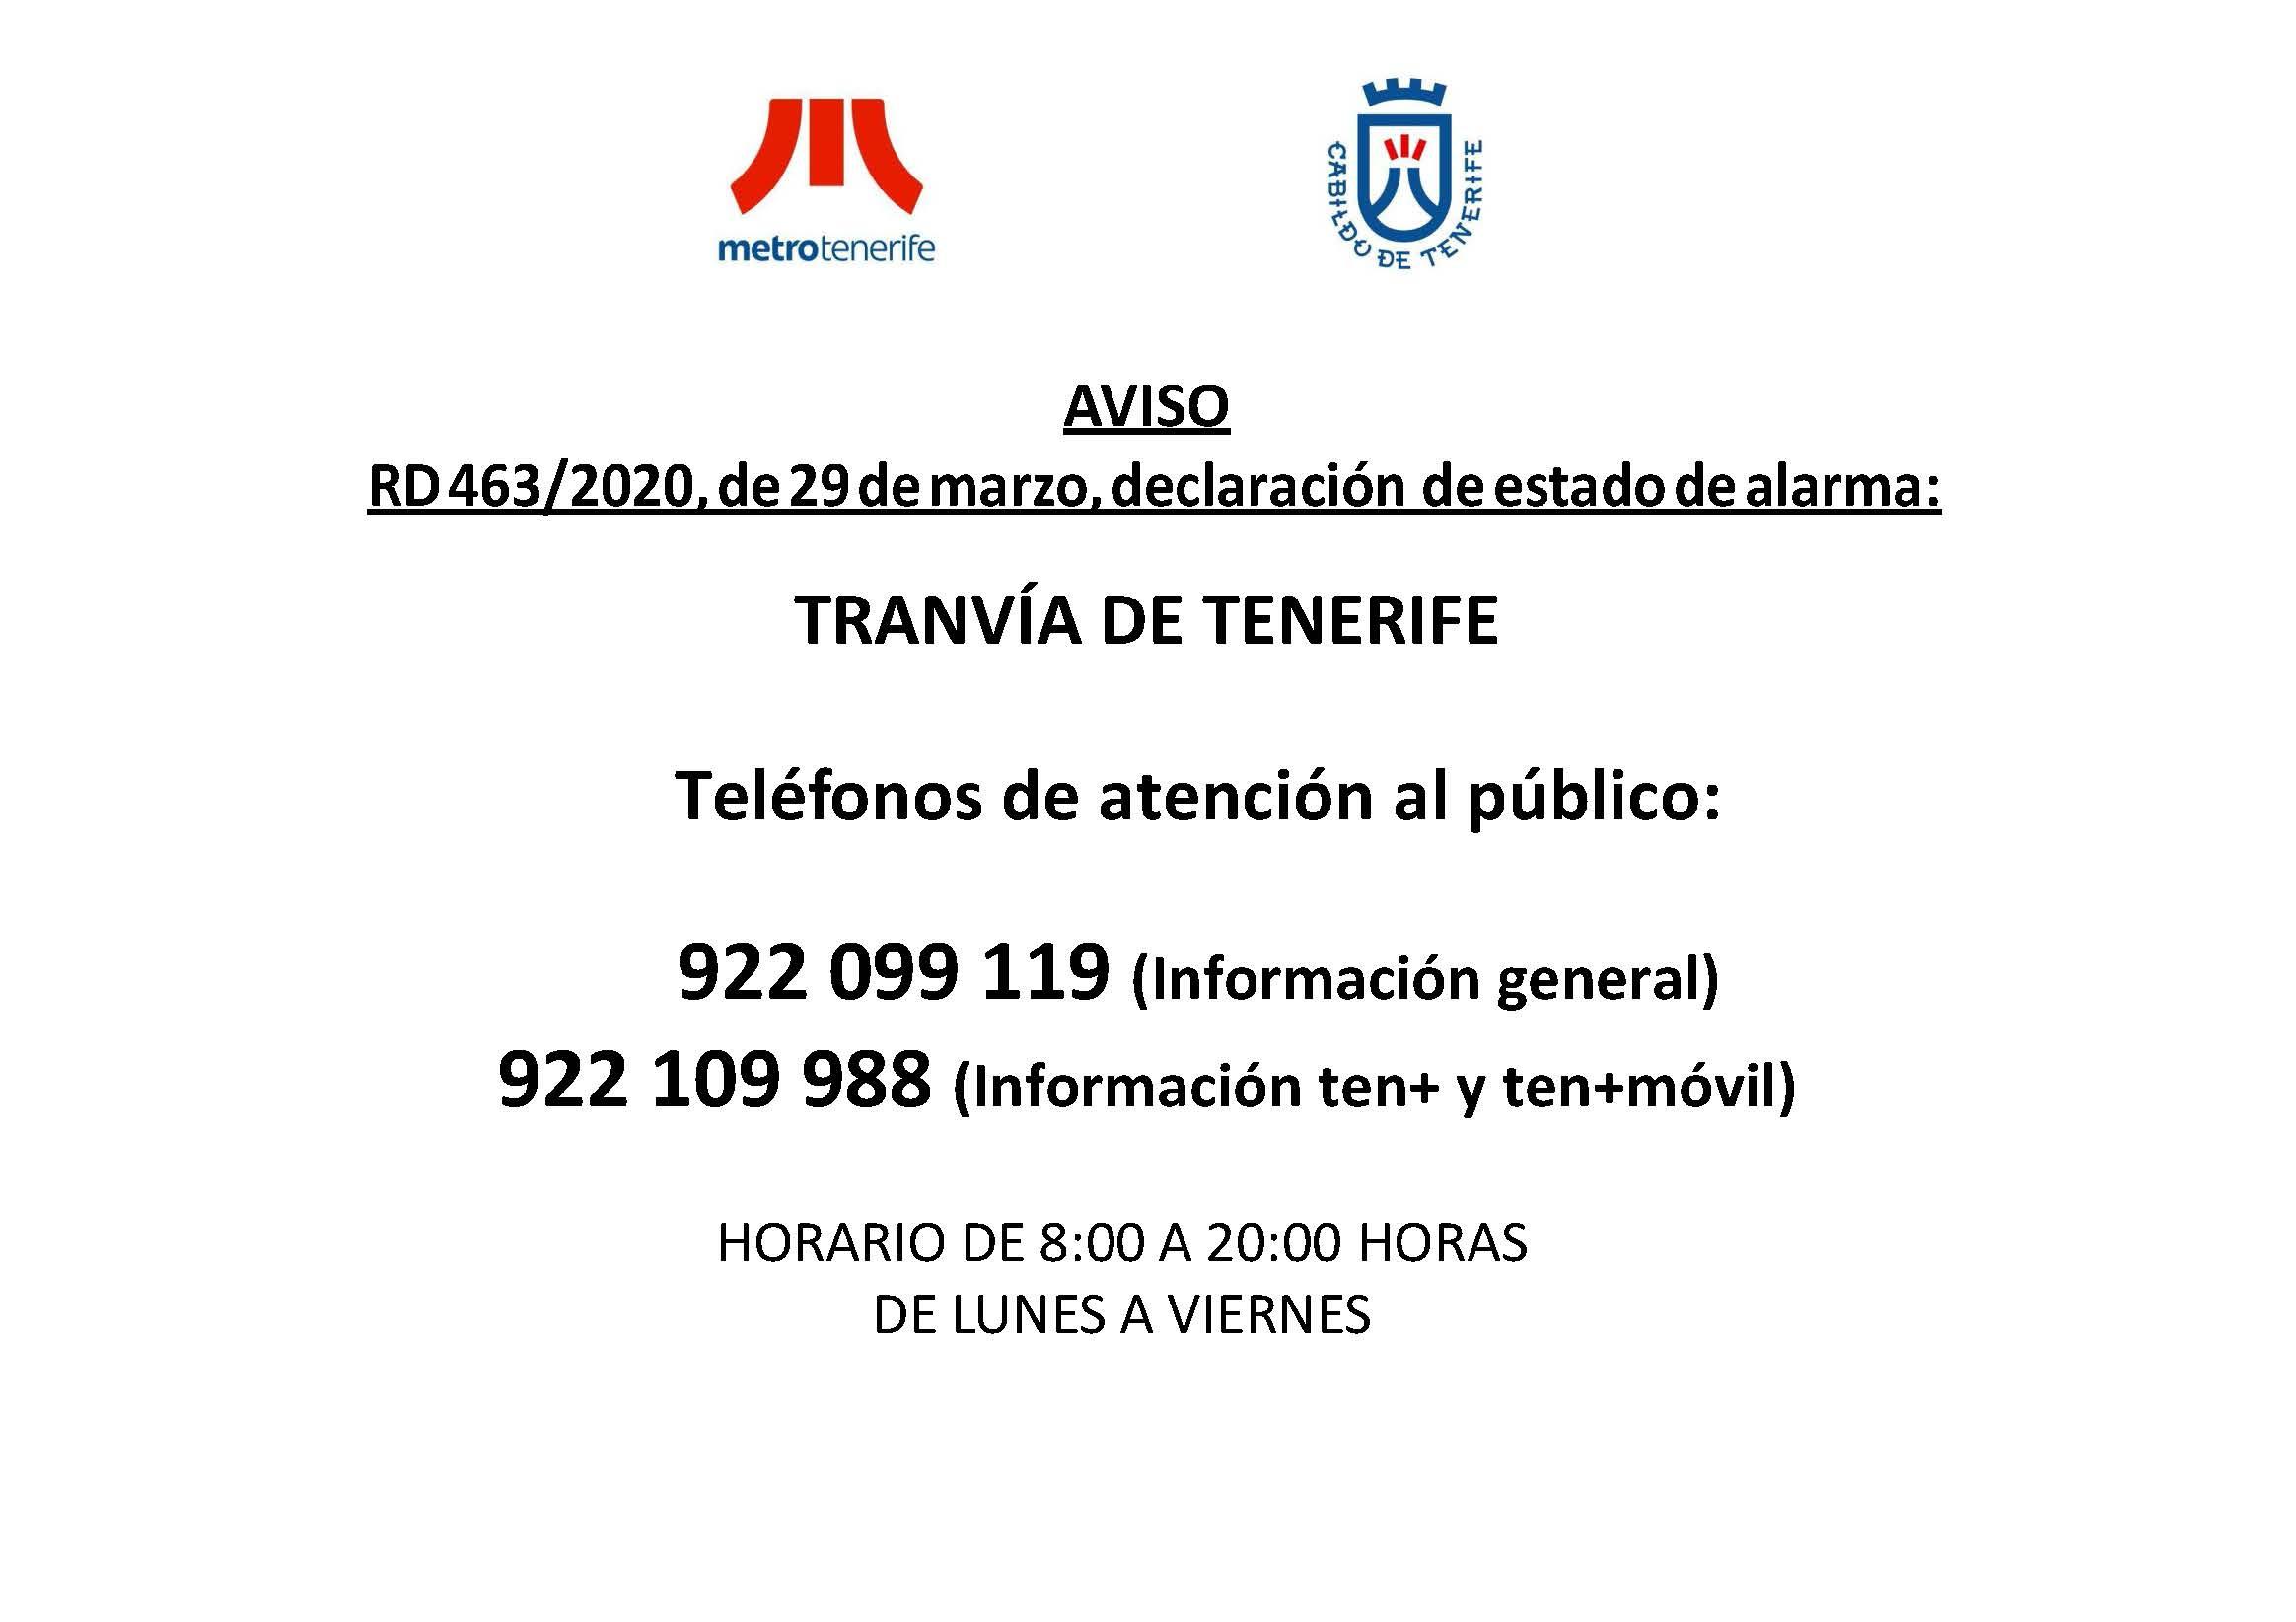 Cartel servicio de atención telefónica del servicio de tranvía.